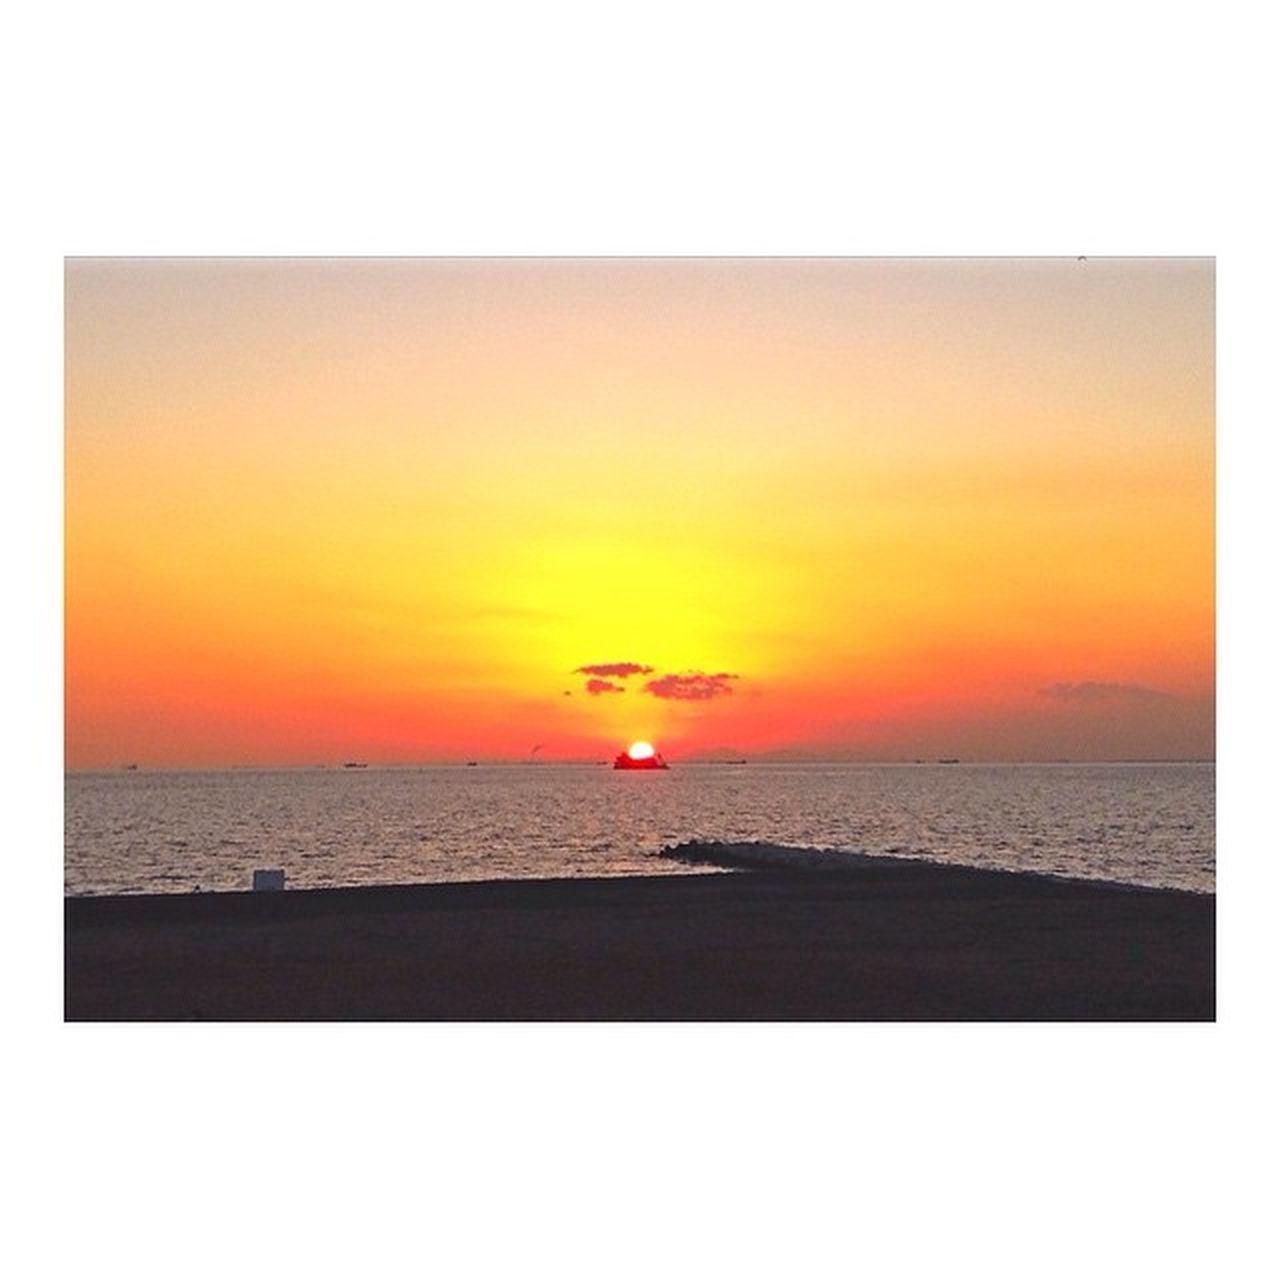 家から徒歩5分の所に海があるという幸せ 、噛み締めてます🌅 この真ん中にうつってる雲 がなんとなく世界地図っぽいかたちしてて感動🌍🌎🌏 Just standing alone and doing nothing. Sunset Ocean Beach Clouds Winter Nature Beautiful Stunning Orange Horizon Japan Chiba Makuhari 夕焼け 幕張の浜 ぼー